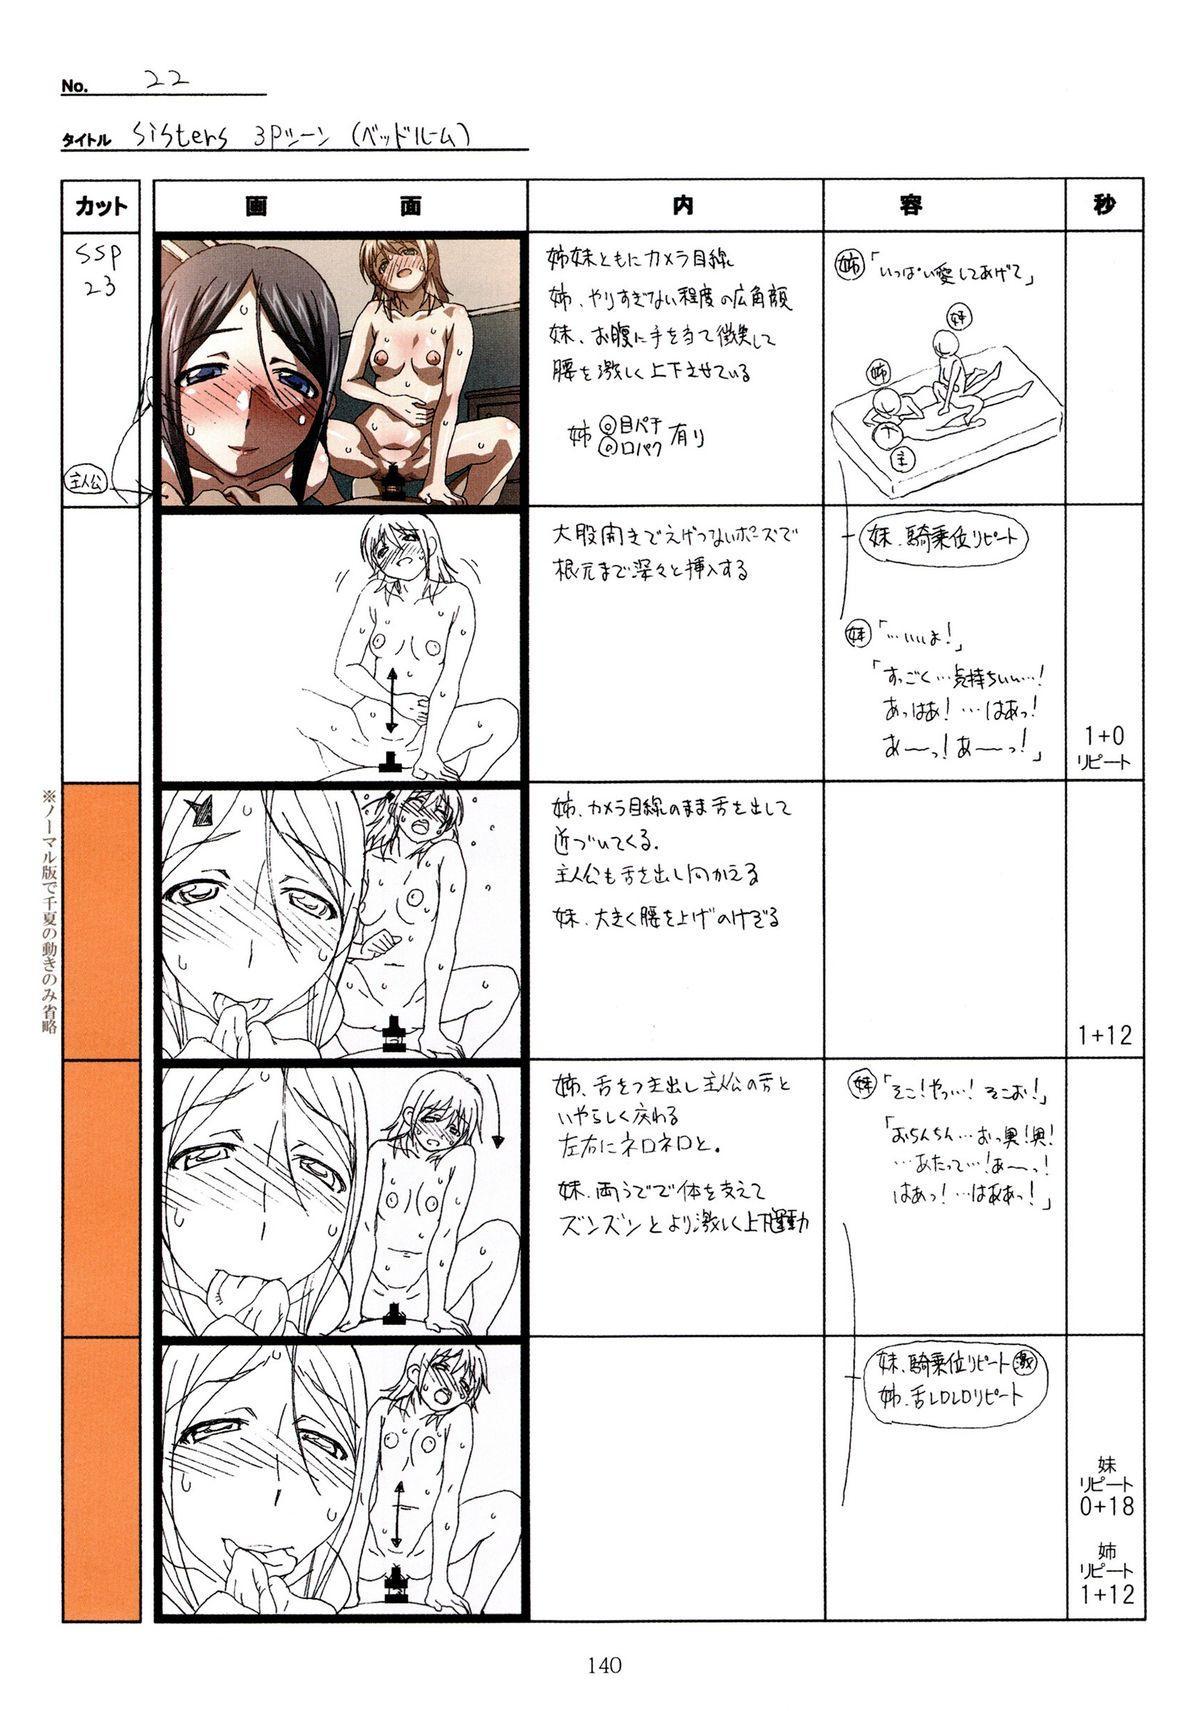 (C89) [Makino Jimusho (Taki Minashika)] SISTERS -Natsu no Saigo no Hi- H Scene All Part Storyboard (SISTERS -Natsu no Saigo no Hi-) 139